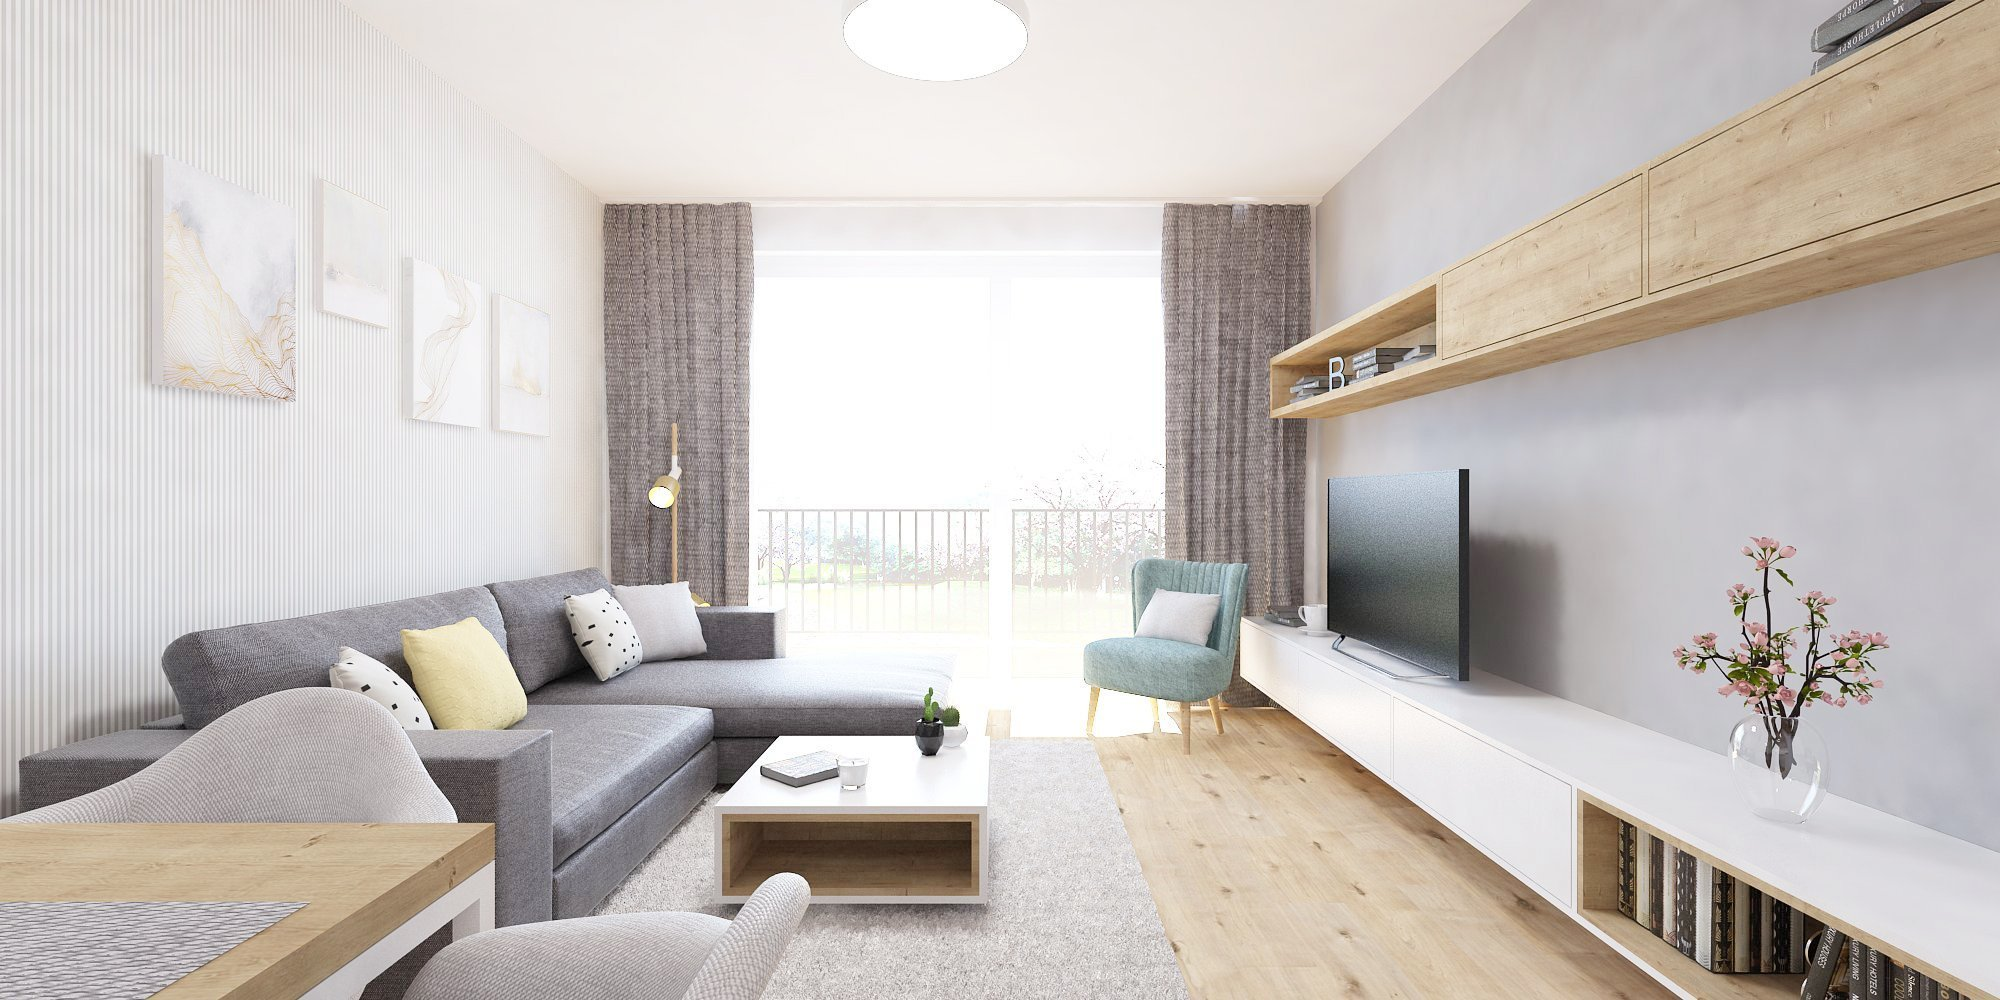 Nový interiér v projekte Slnečnicesa nesie v príjemnej a overenej kombinácii bielej farby a dreva. Elegantný podklad návrhu jemne ozvláštňujú prvky s…